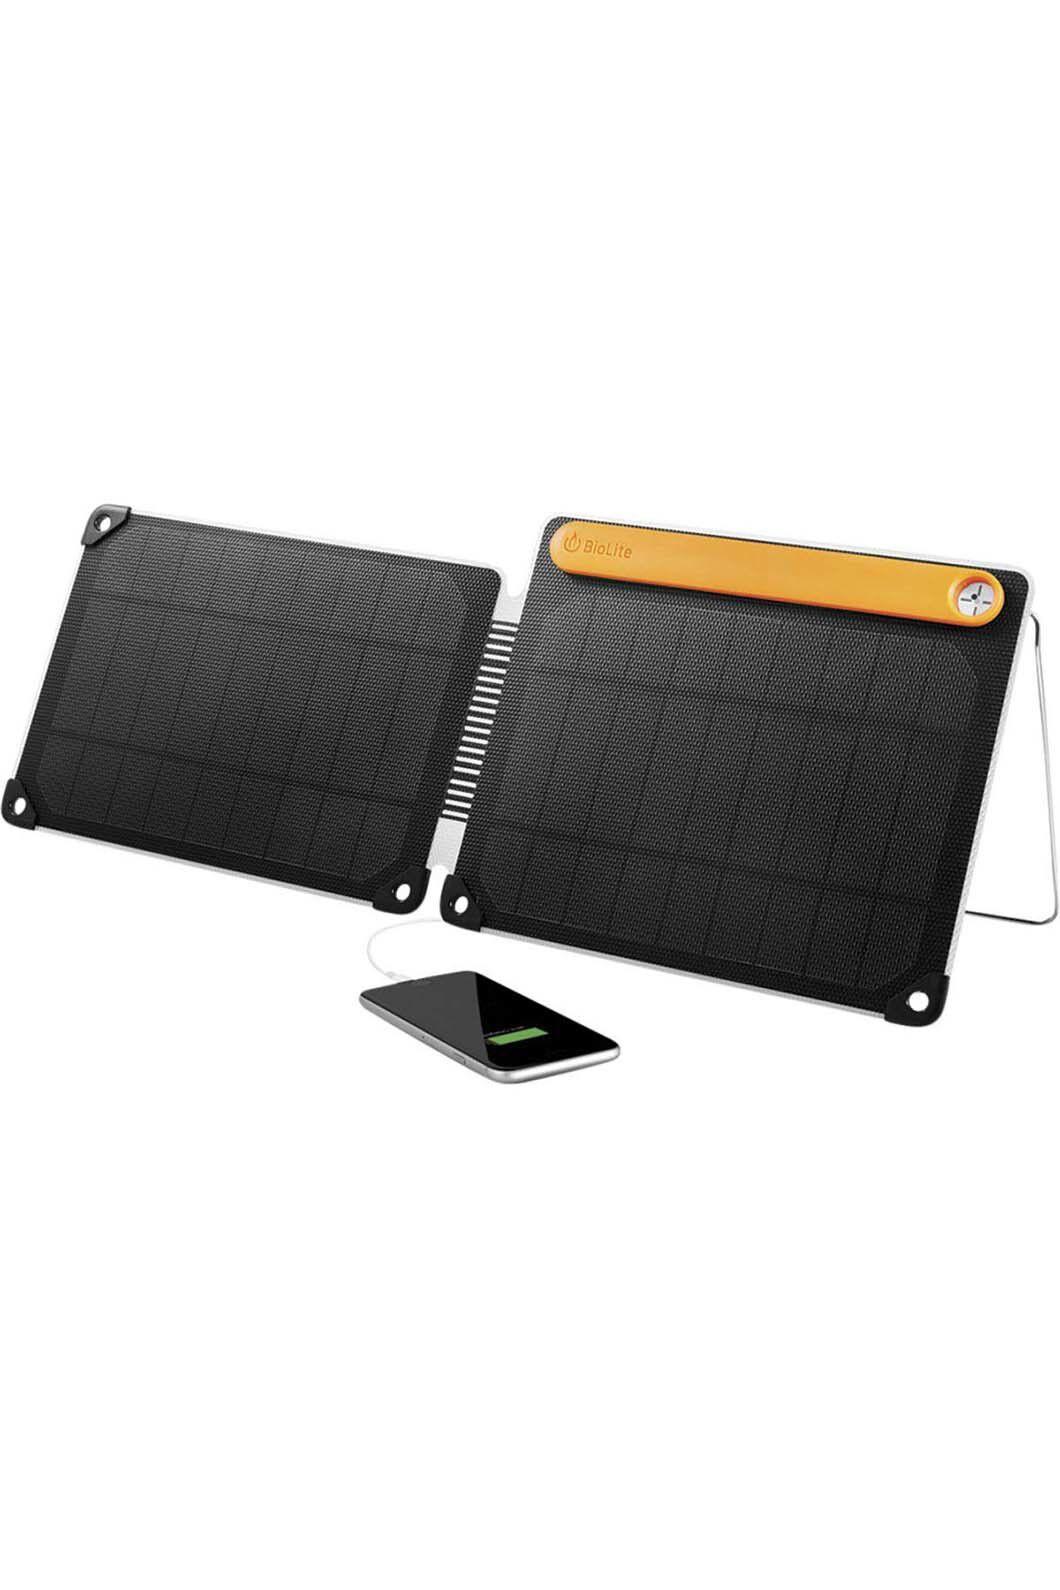 BioLite 10+ Solar Panel, None, hi-res